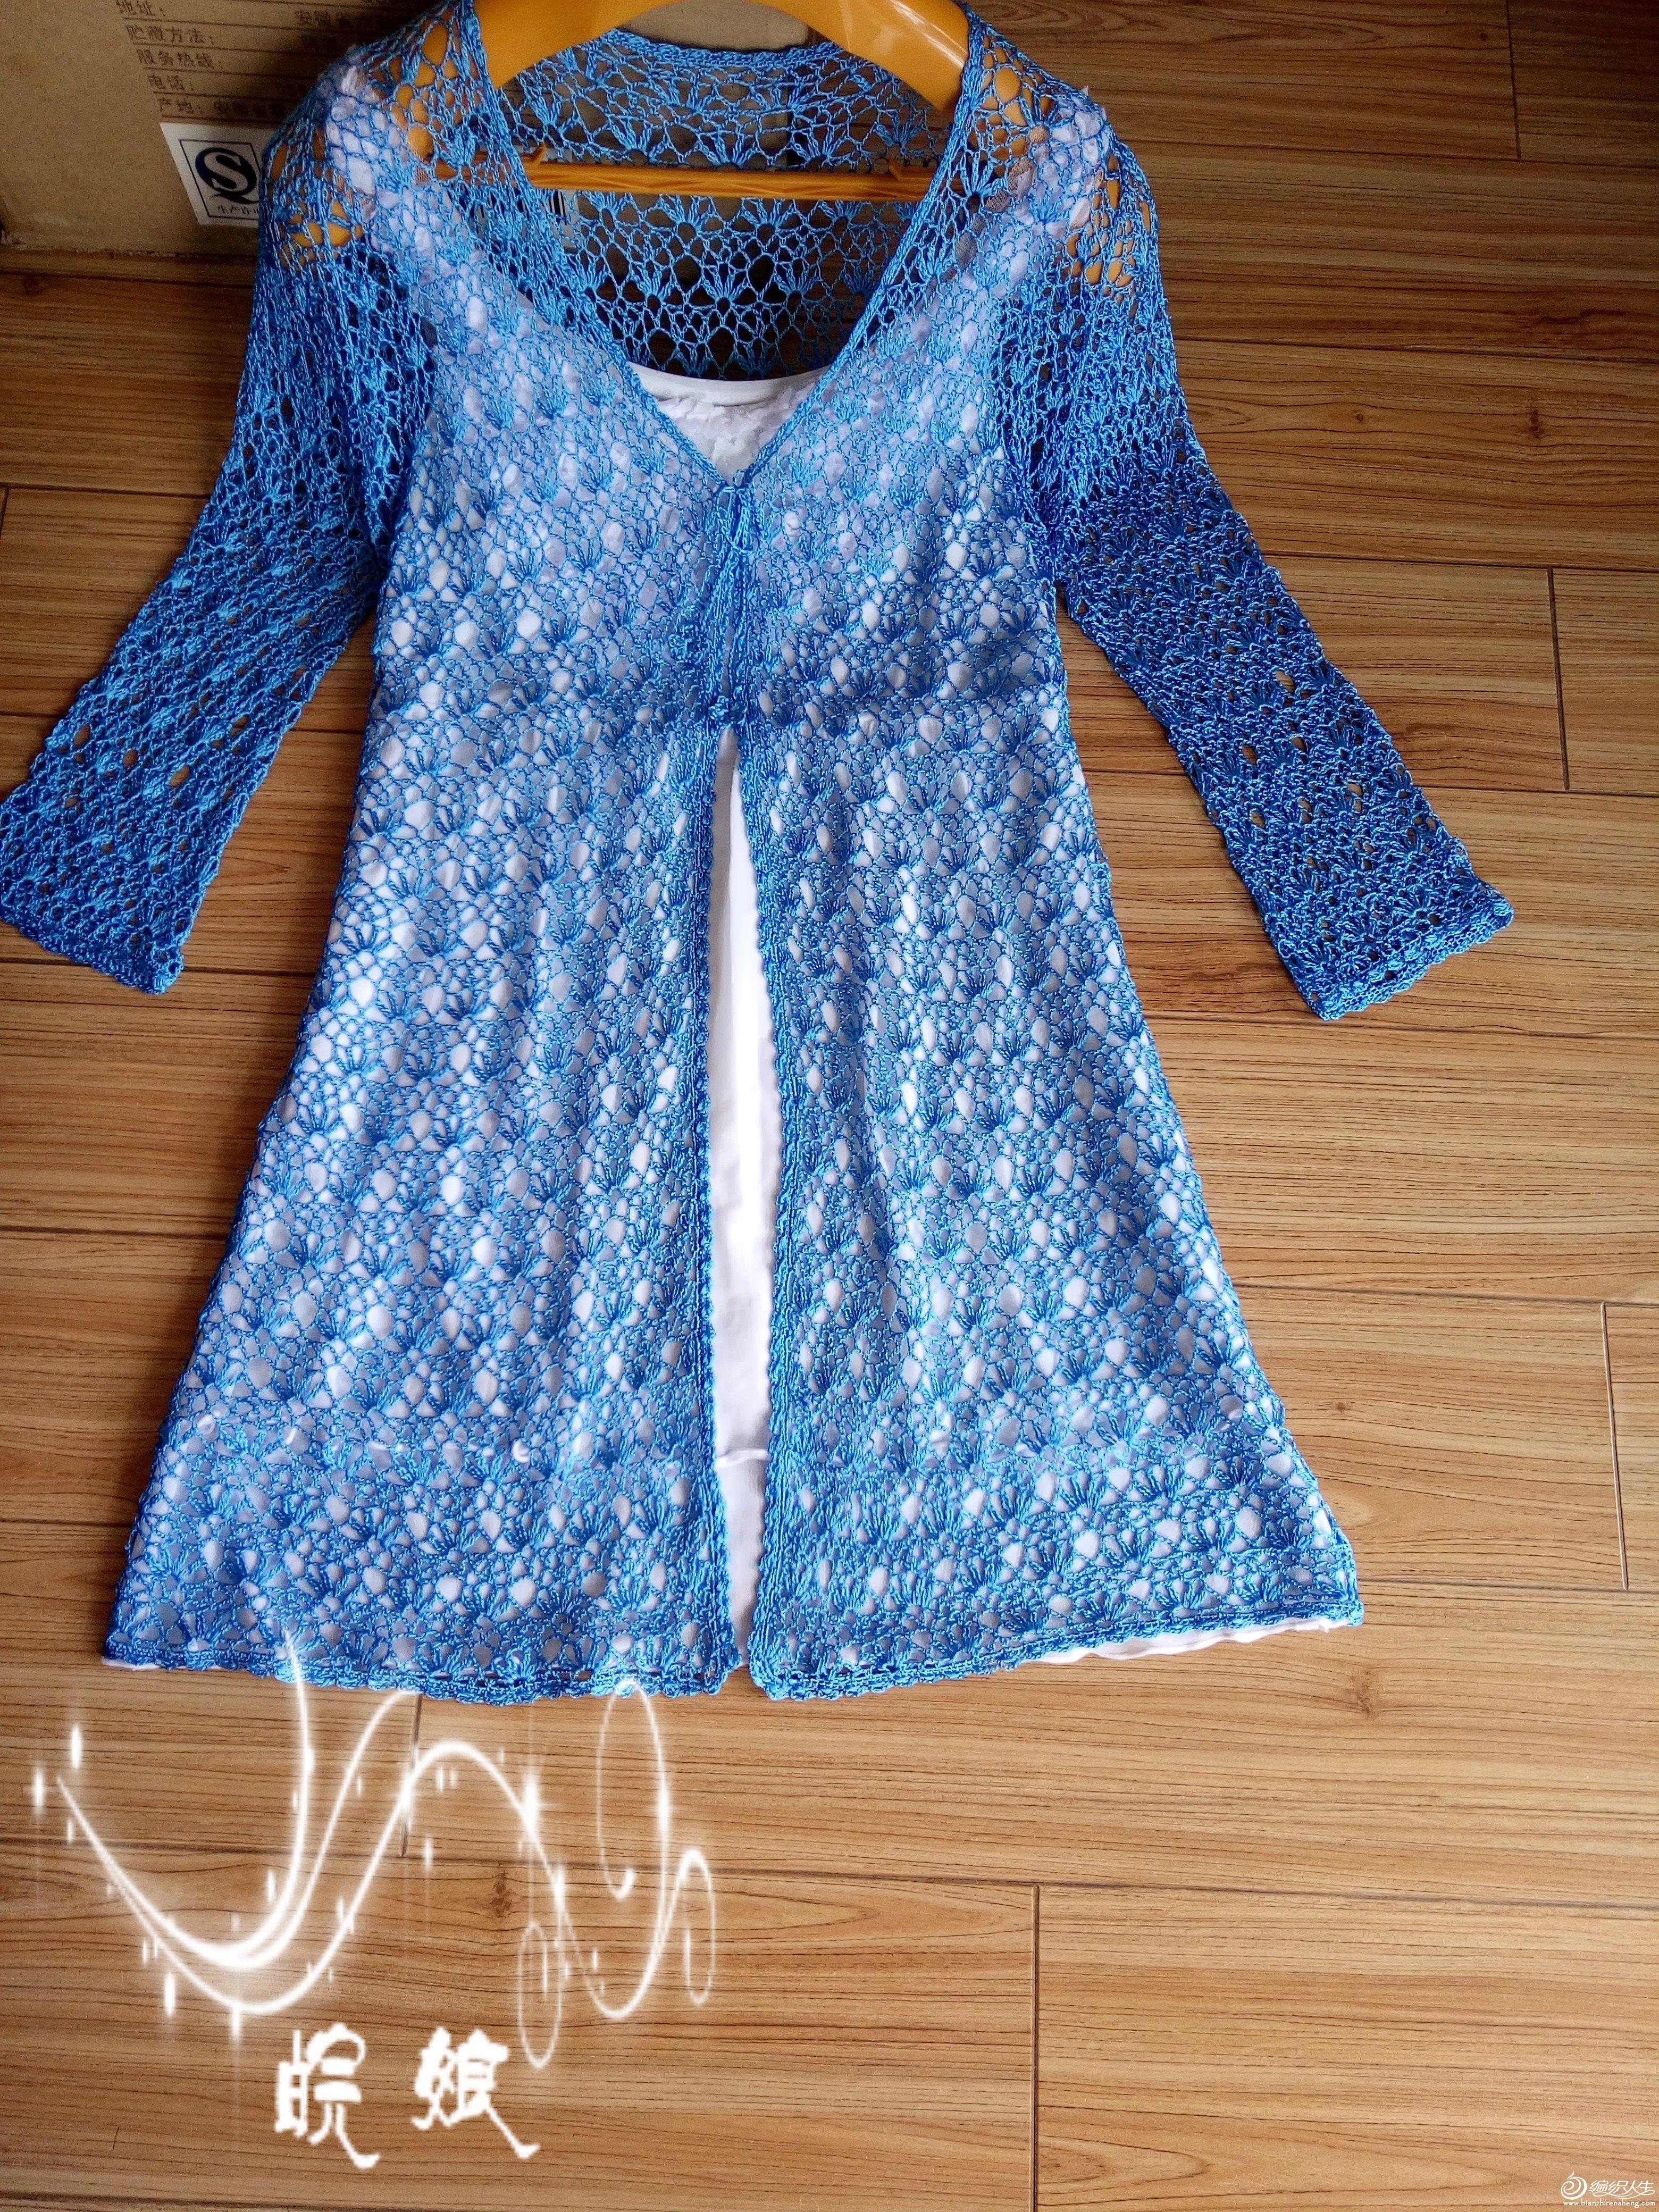 女士春夏钩针毛衣款式之人造丝绣花线钩织中袖长开衫